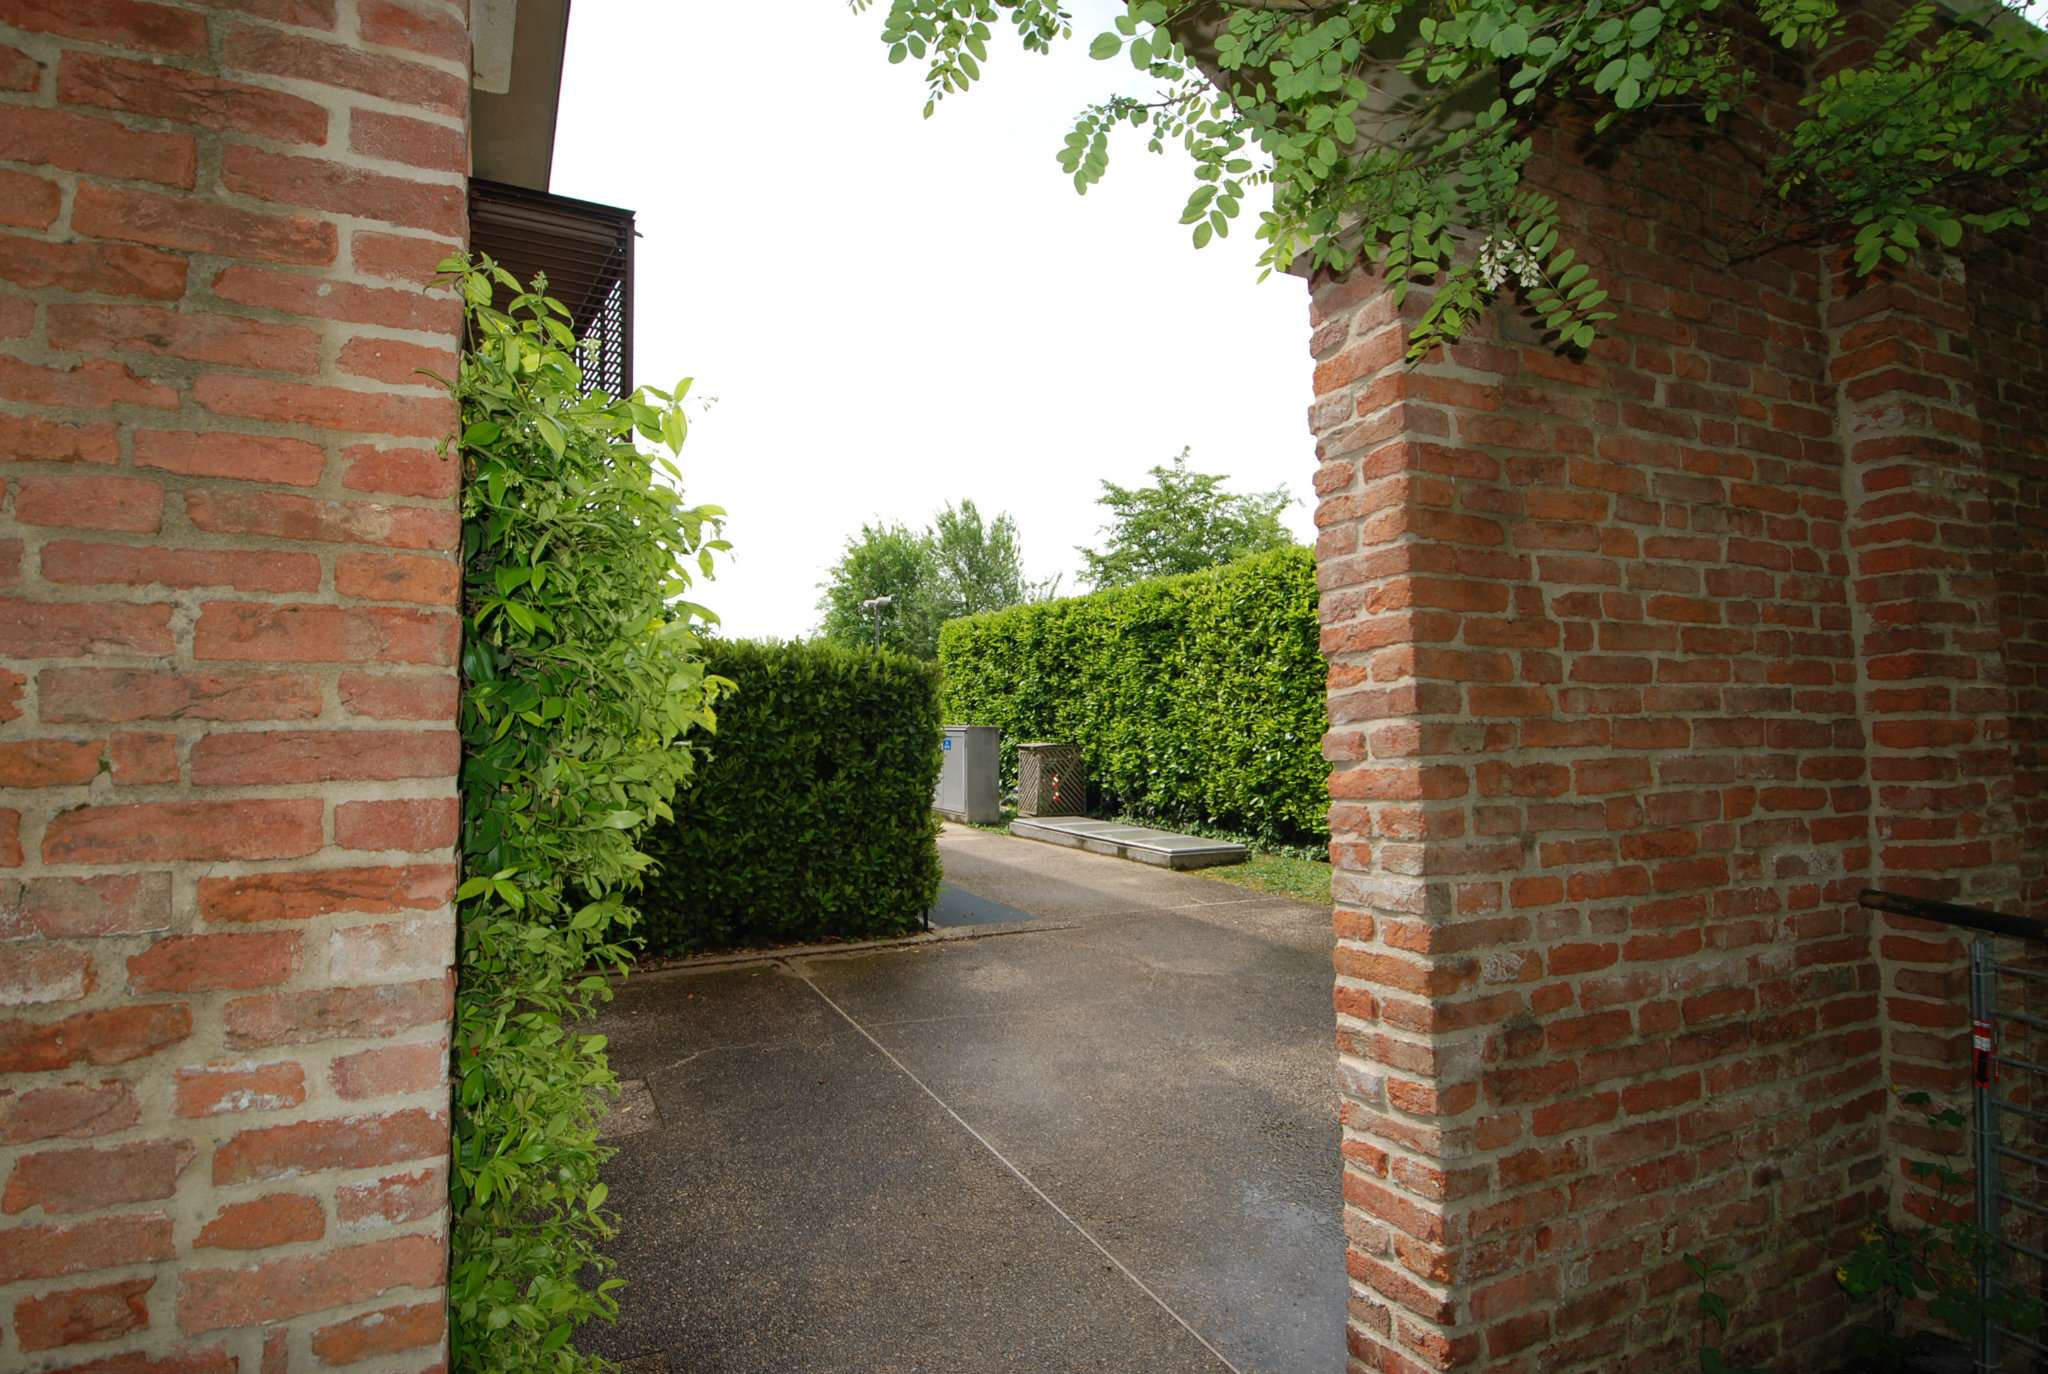 Piazzola sul Brenta: BICAMERE nel Parco della Contessa